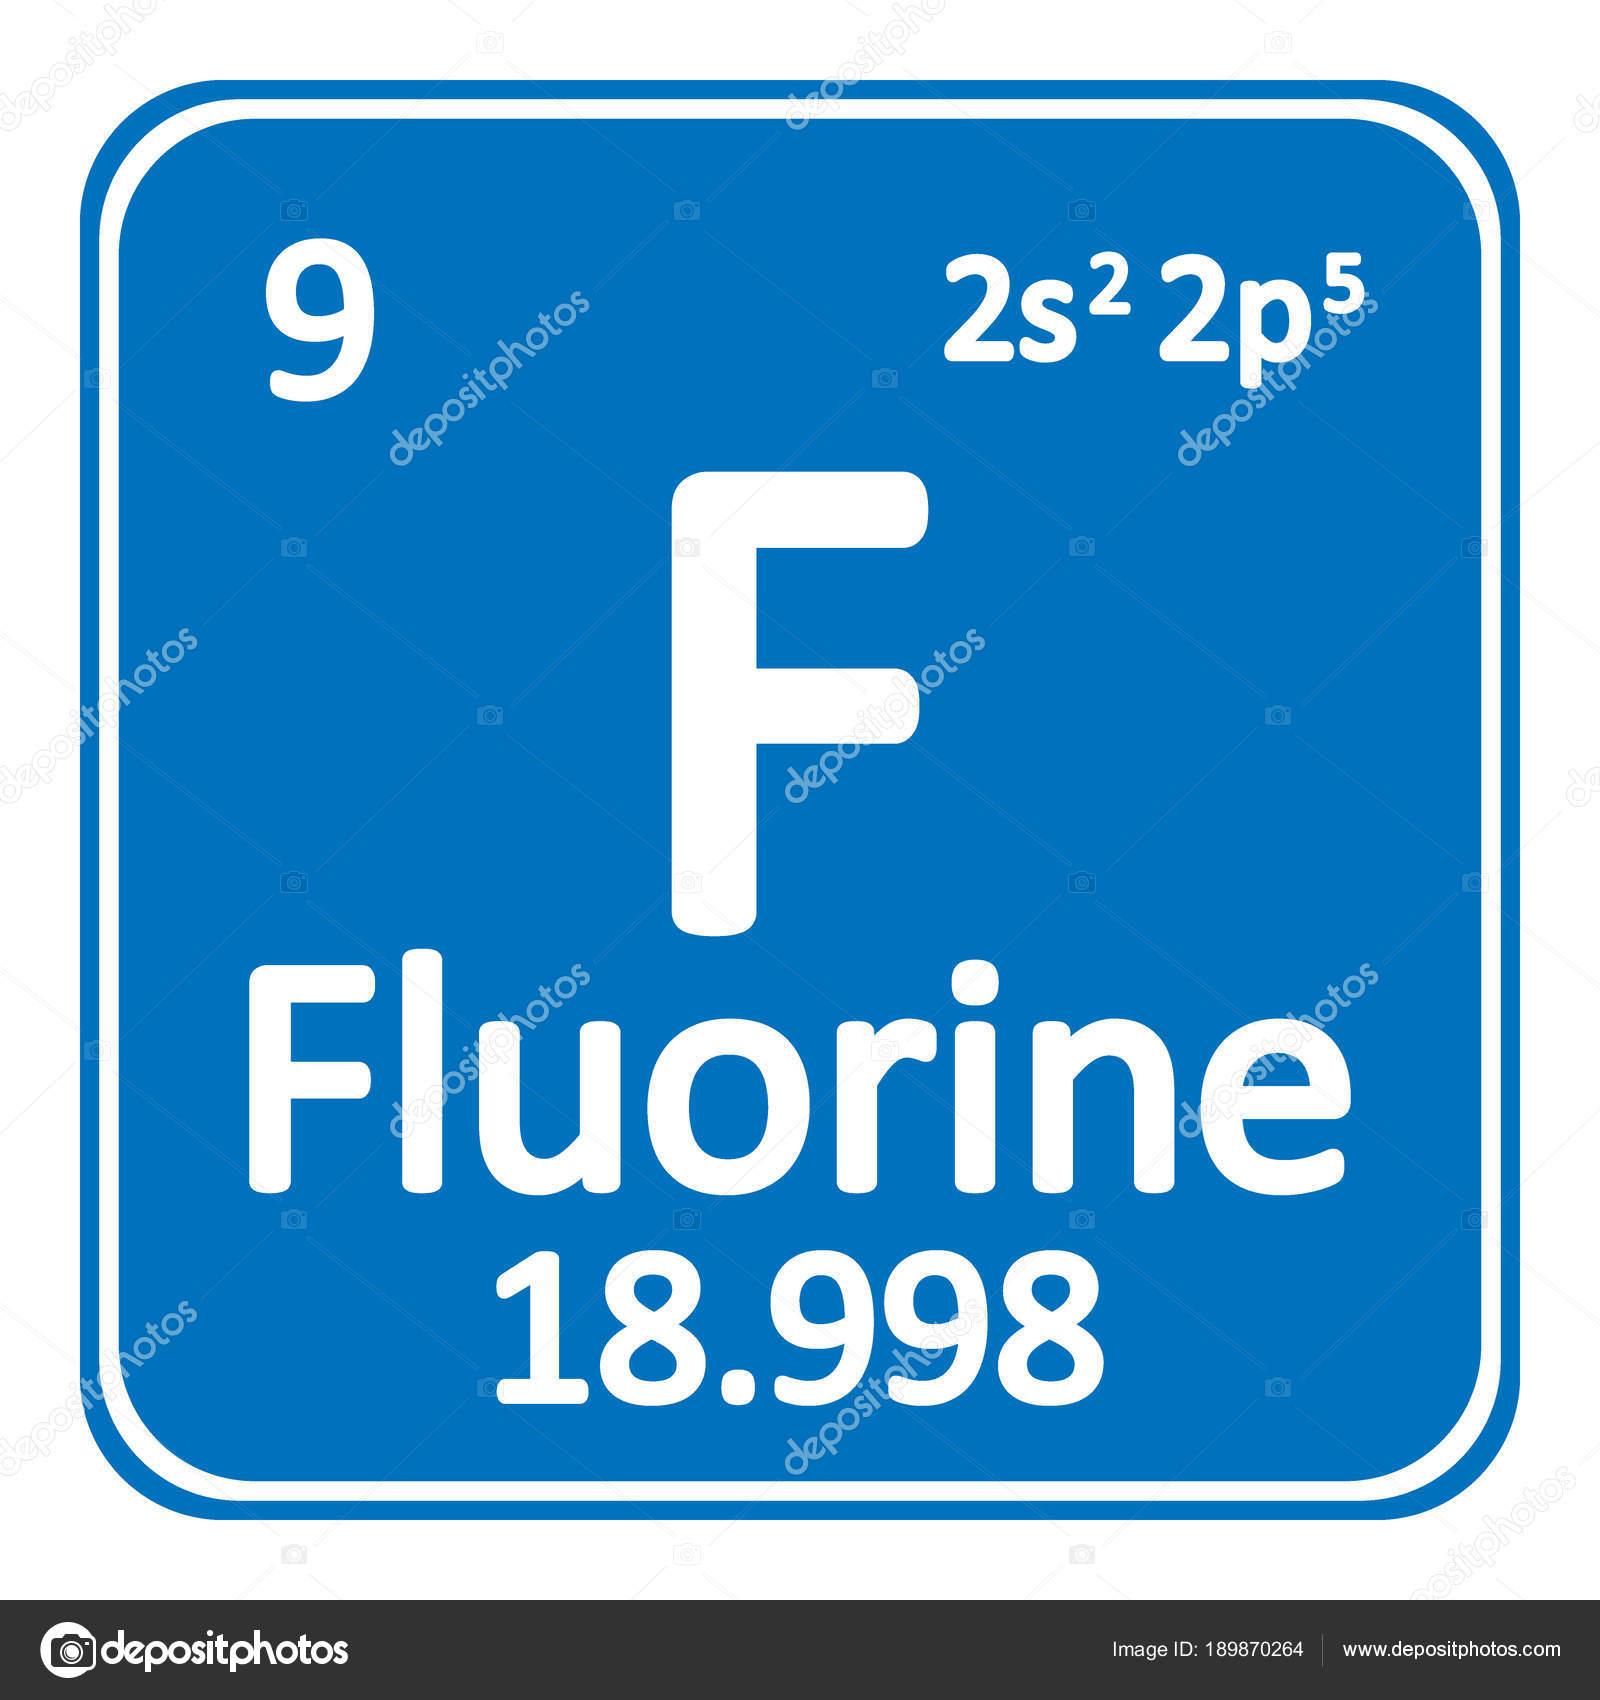 Icono de flor elemento tabla peridica archivo imgenes tabla periodica elemento flor el icono sobre fondo blanco ilustracin de vector vector de konstsem urtaz Gallery